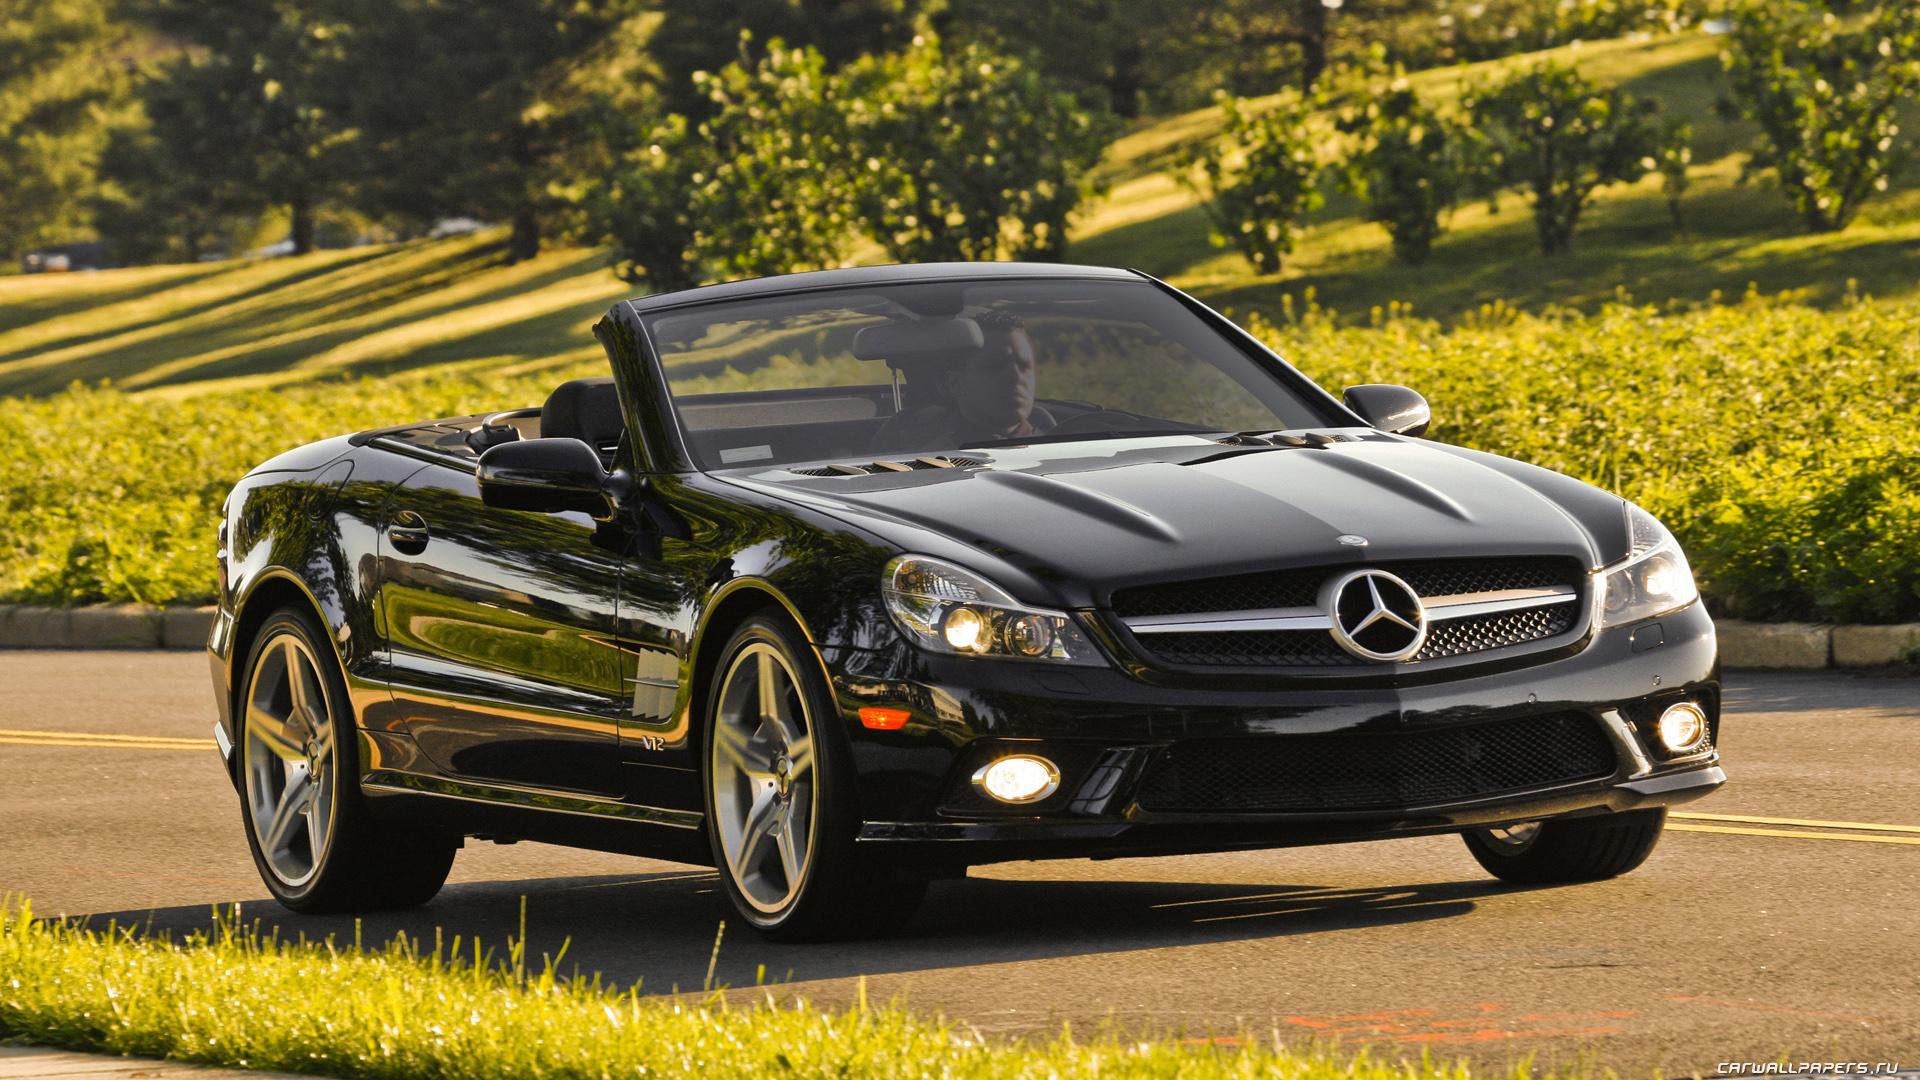 Mercedes Benz Usa 95 Car Hd Wallpaper 1920x1080